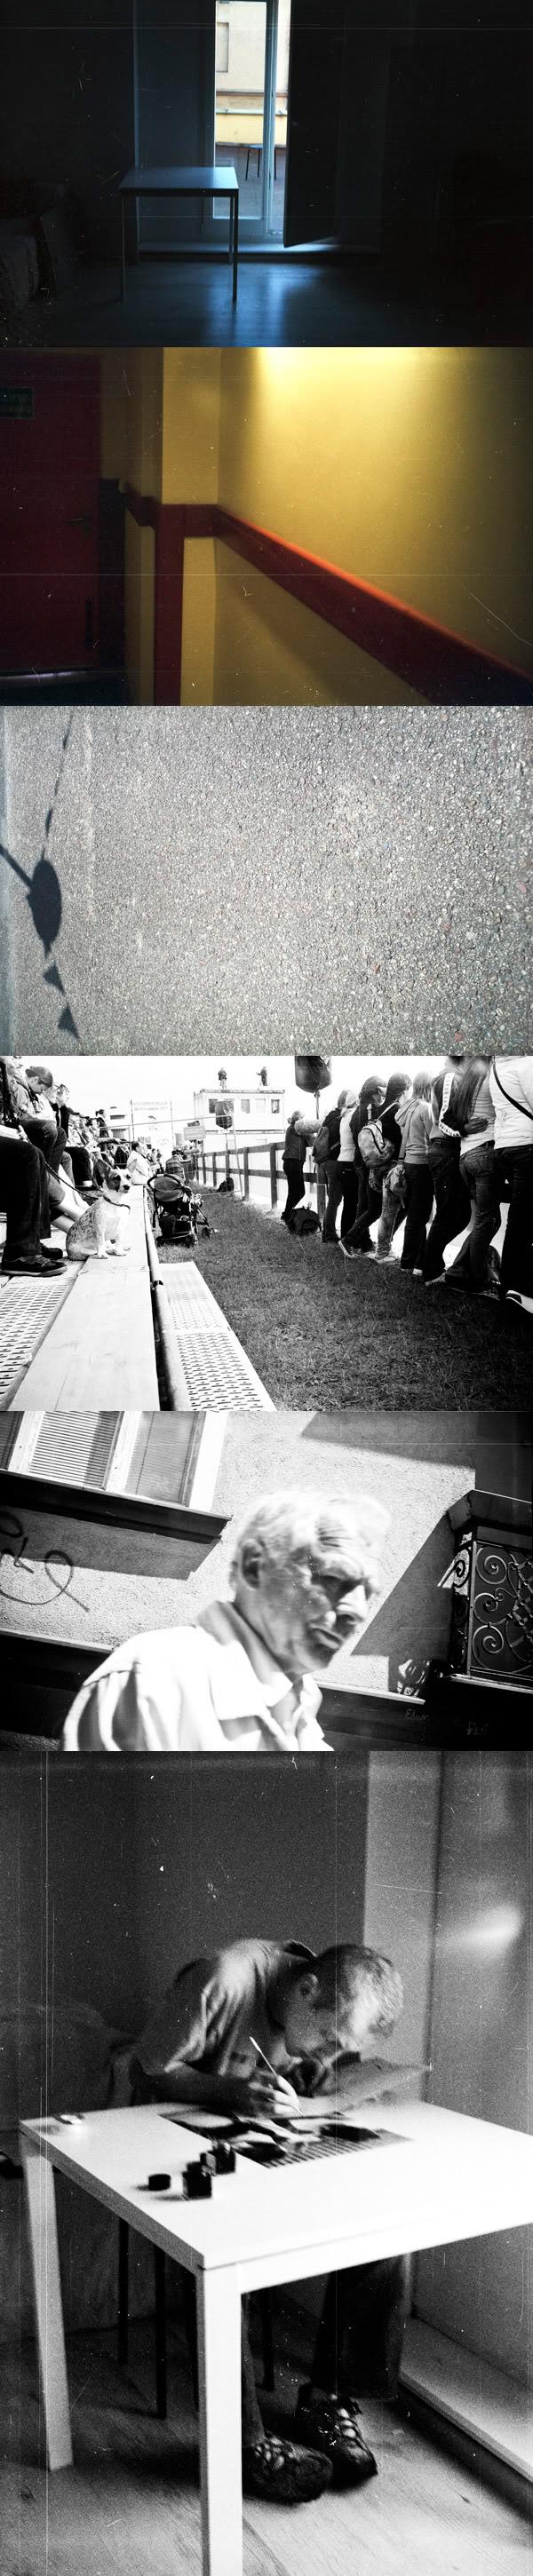 Światło, light, Cień, shadow, Tobiasz Skwarczyński, Korytarz, corridor, Lampa, a lamp, Pies, dog, tłum, crowd, stół, table, okno, window, drzwi, door, szkoła, school, smena, klisza, film, snap